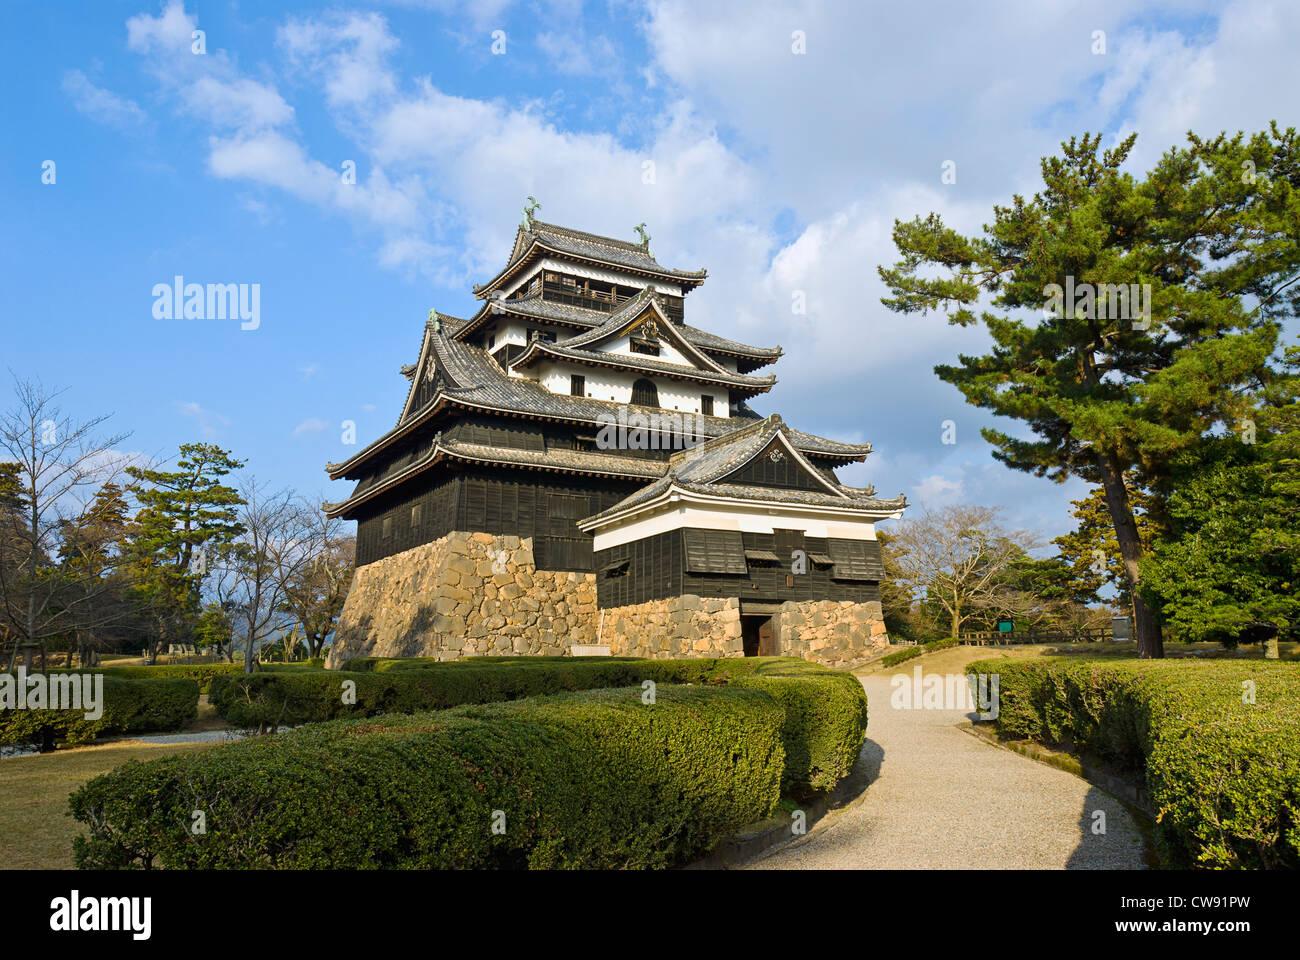 Burg Matsue, Präfektur Shimane, Japan. Mittelalterliche Burg aus Holz gebaut, c. 1622. Stockbild